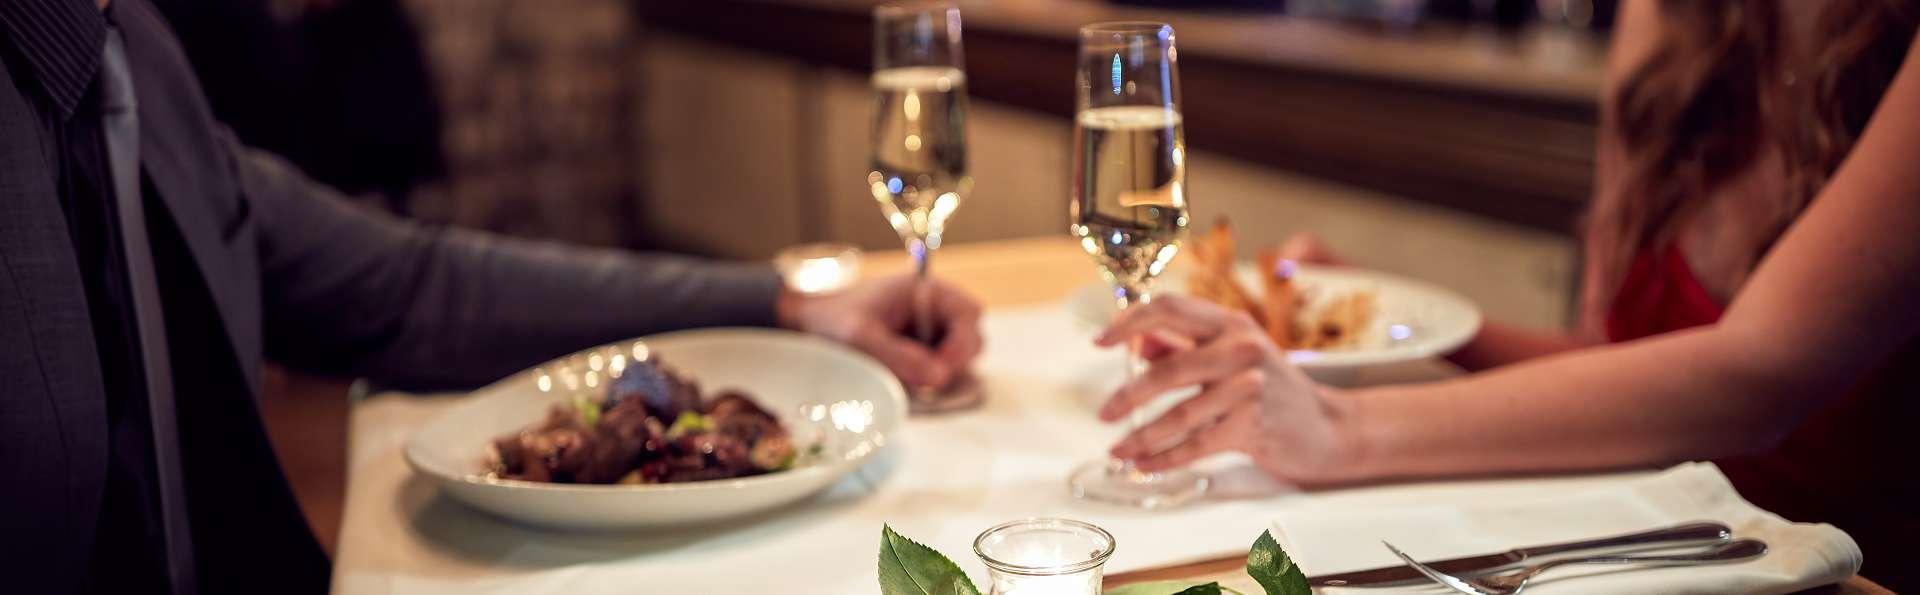 Romance et gastronomie dans un hôtel de charme au cœur du parc naturel à Langogne